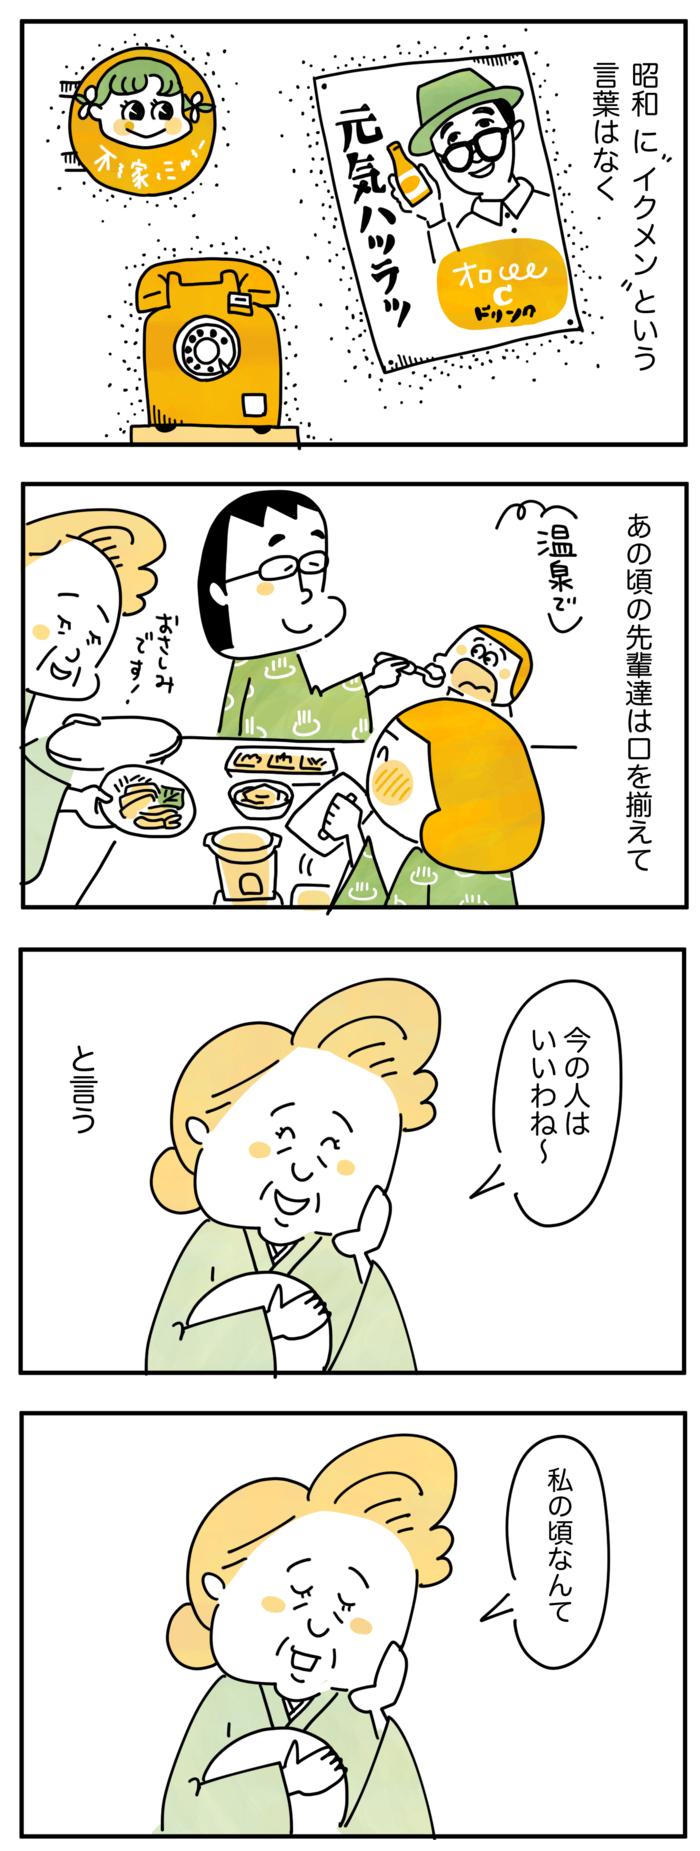 昭和に「イクメン」という言葉はなかった!時代と共に変わる「子育て」の形の画像1